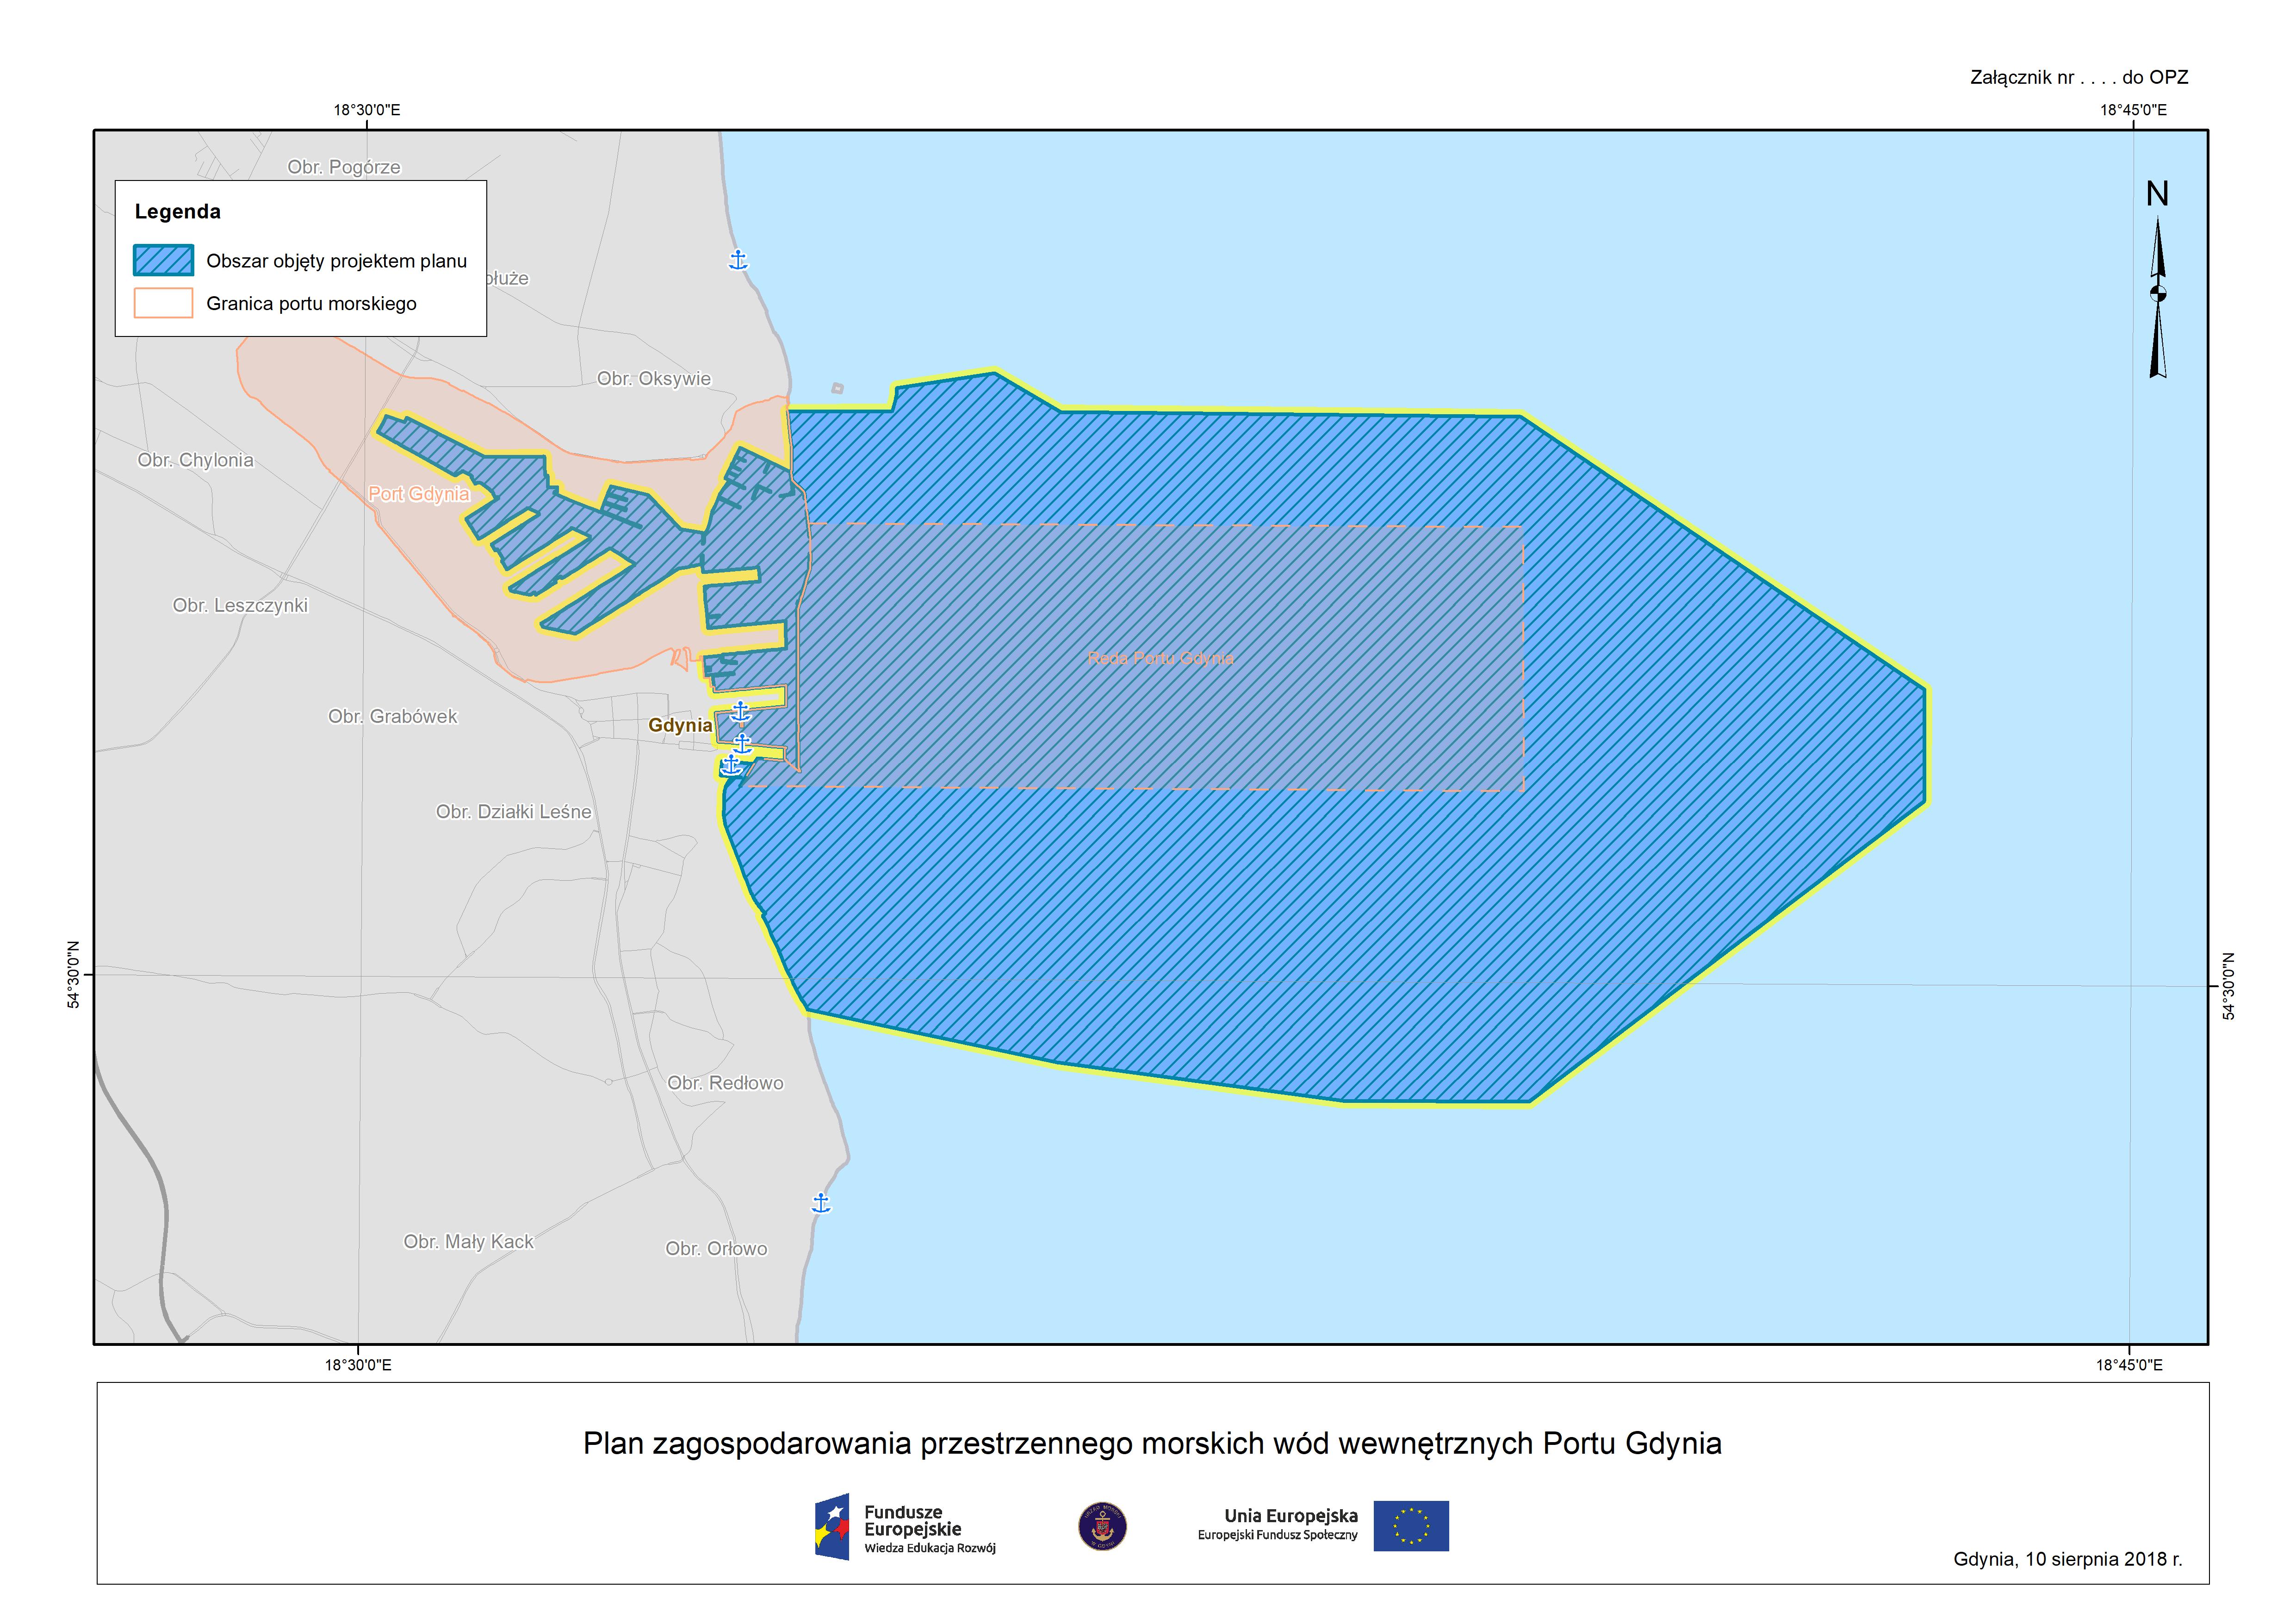 Plan zagospodarowania przestrzennego morskich wód wewnętrznych Portu Gdynia